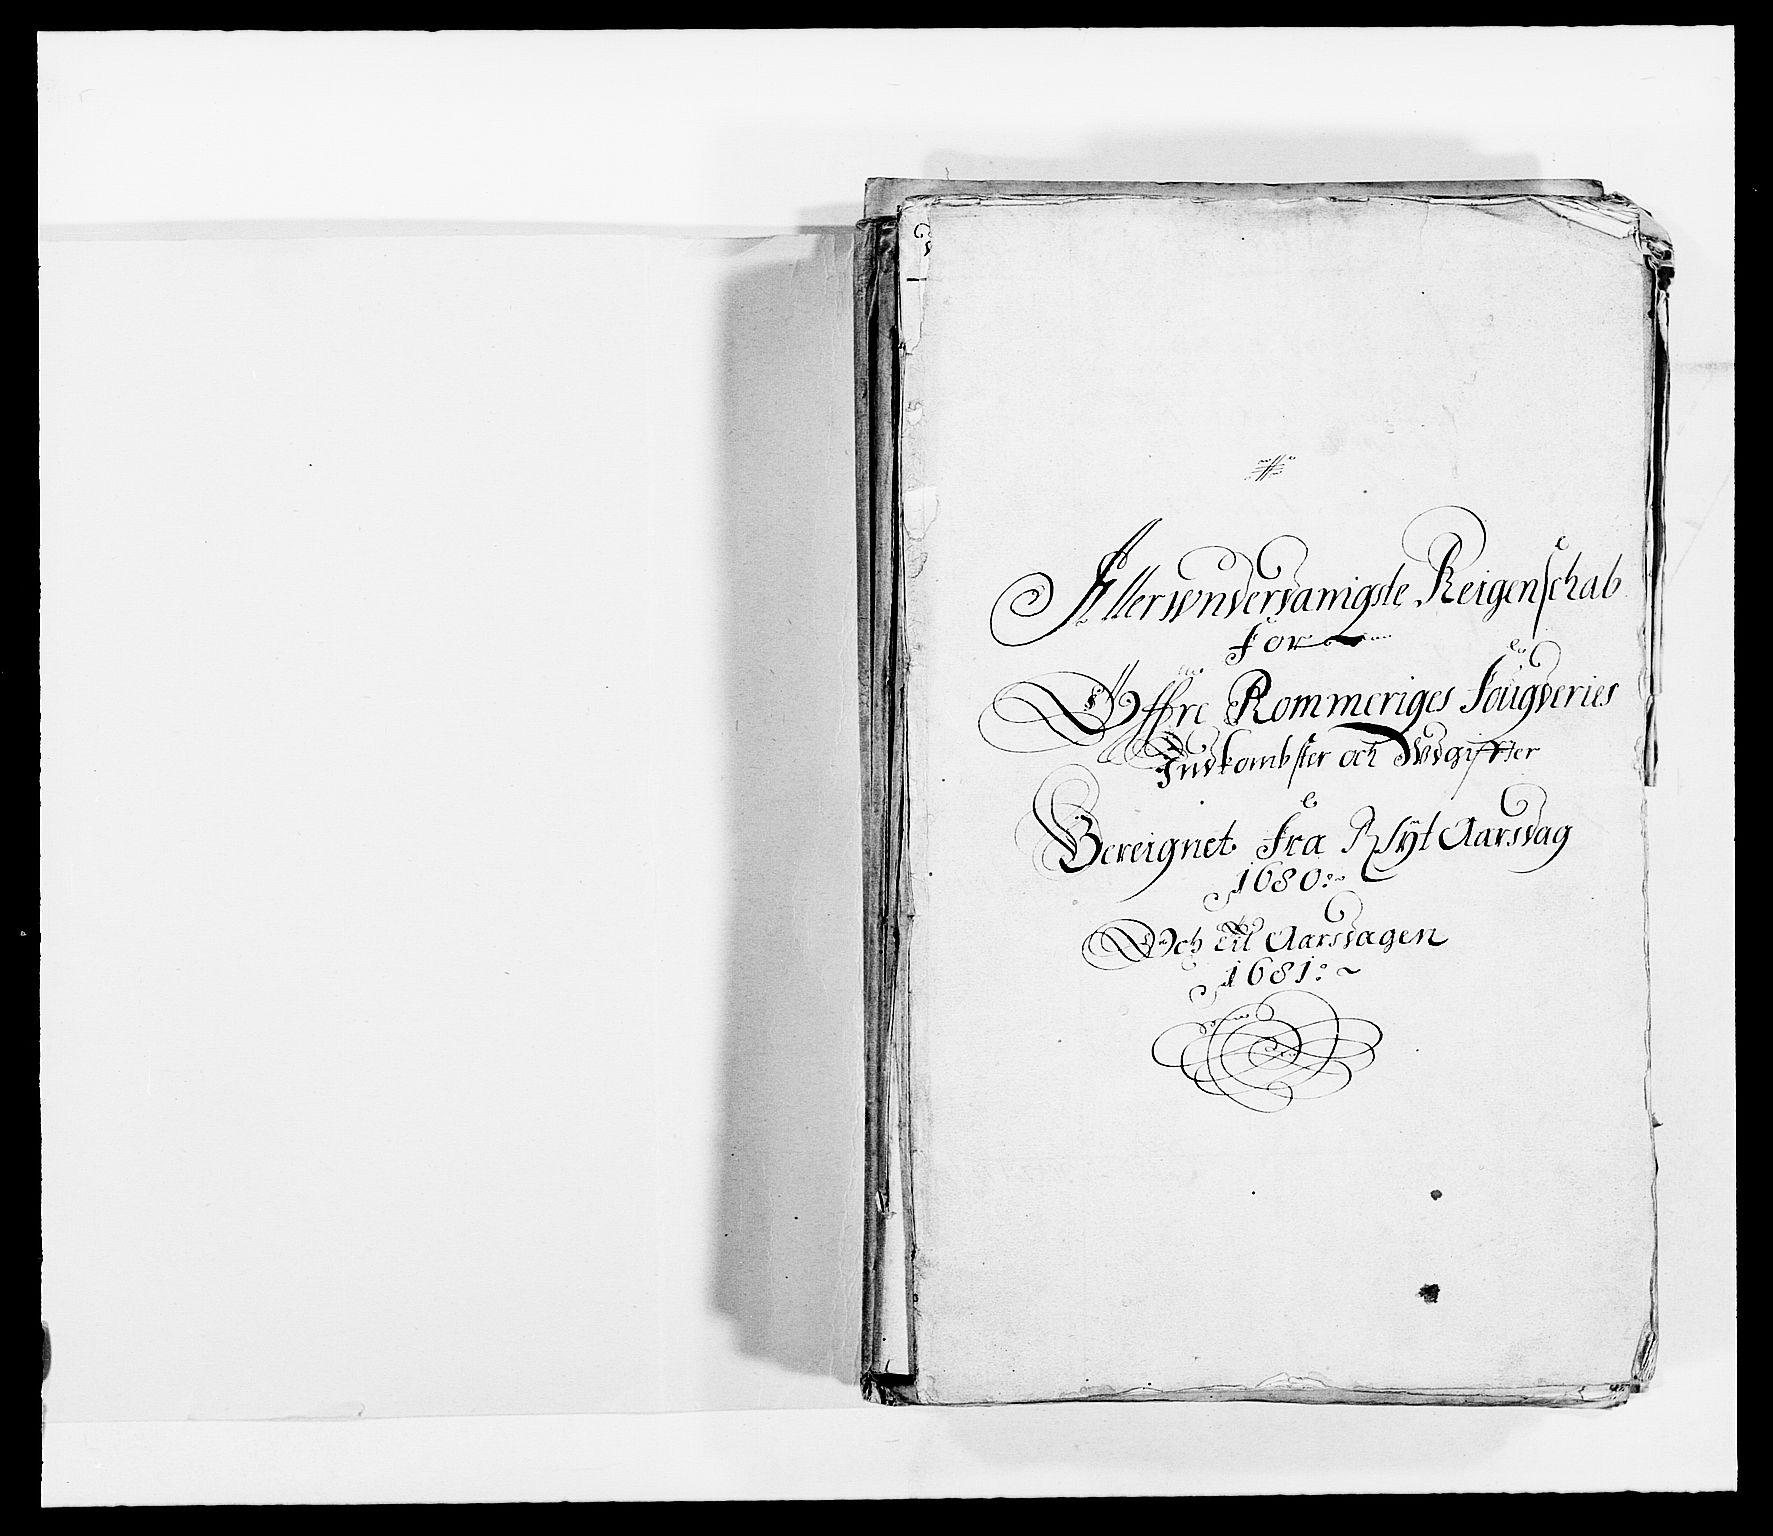 RA, Rentekammeret inntil 1814, Reviderte regnskaper, Fogderegnskap, R12/L0695: Fogderegnskap Øvre Romerike, 1680, s. 2